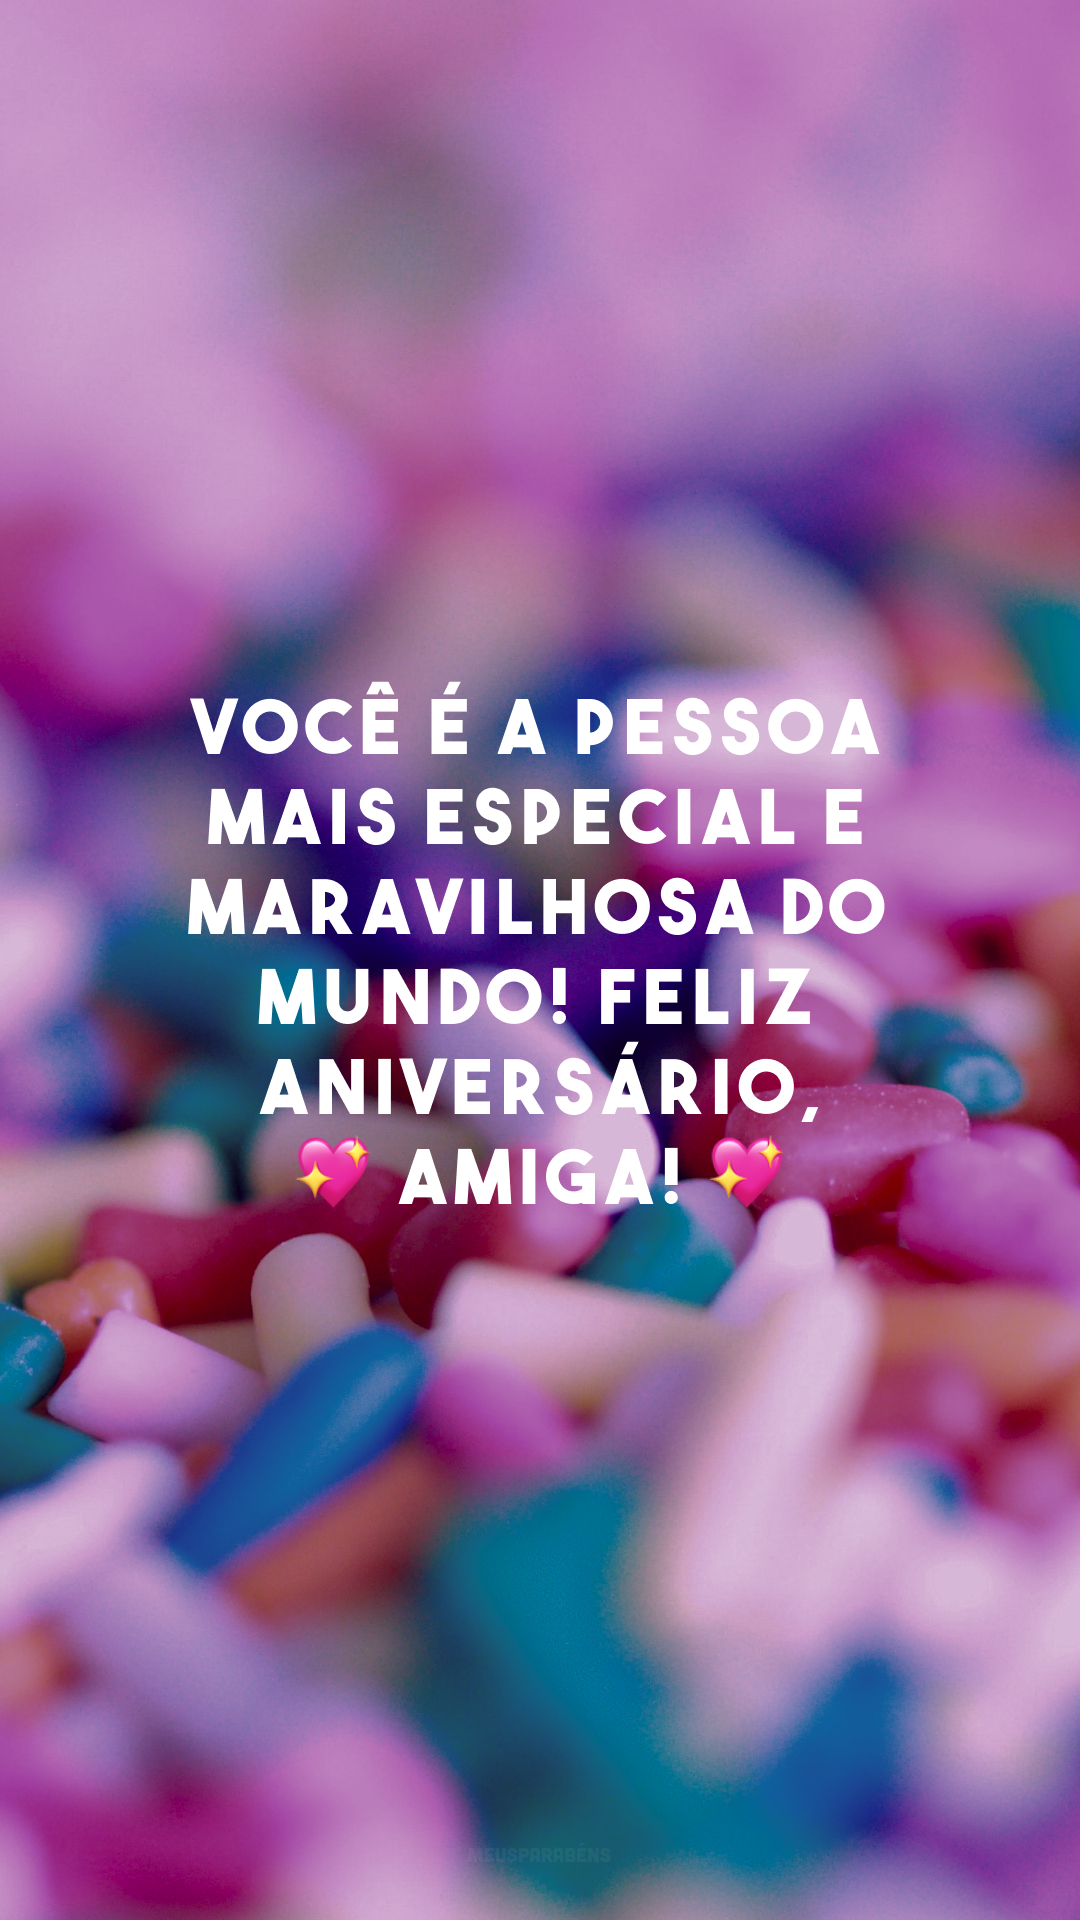 Você é a pessoa mais especial e maravilhosa do mundo! Sou grata pela sua vida e peço a Deus que te conserve sempre assim. Feliz aniversário, 💖 amiga! 💖